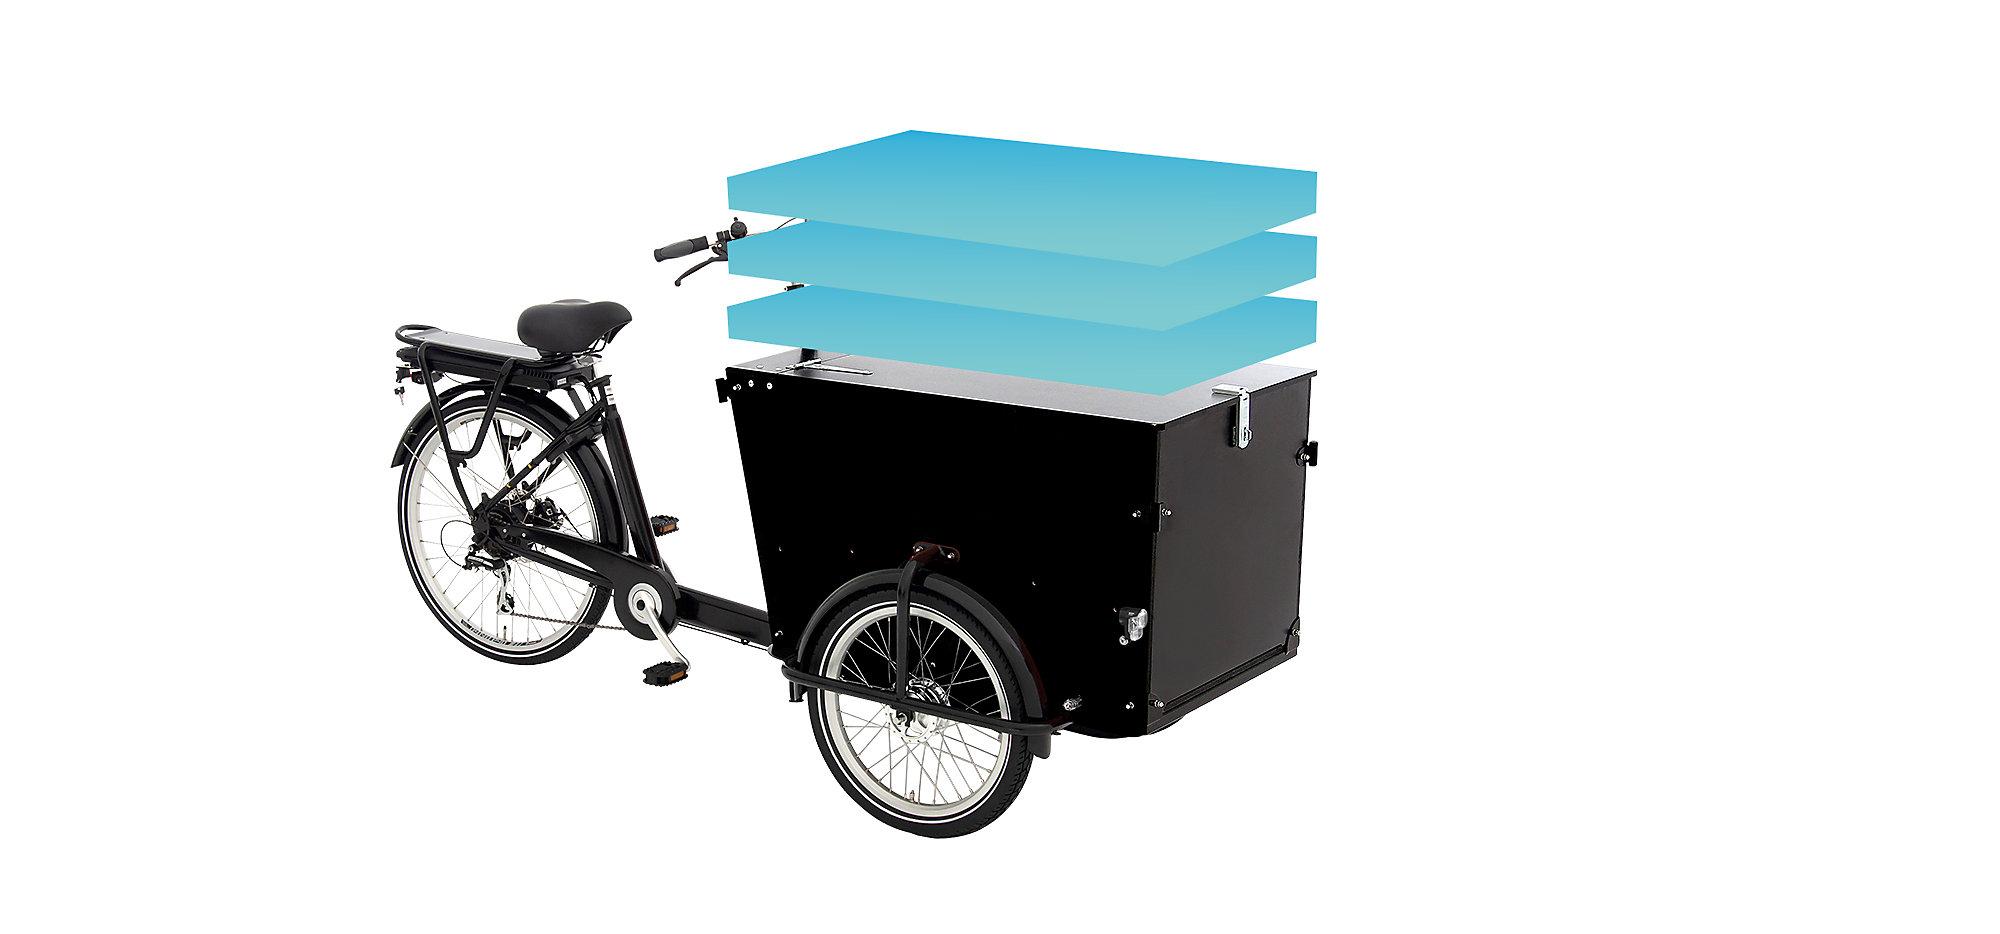 Bicicleta para cargas pesadas E-Cargo PRO ze$